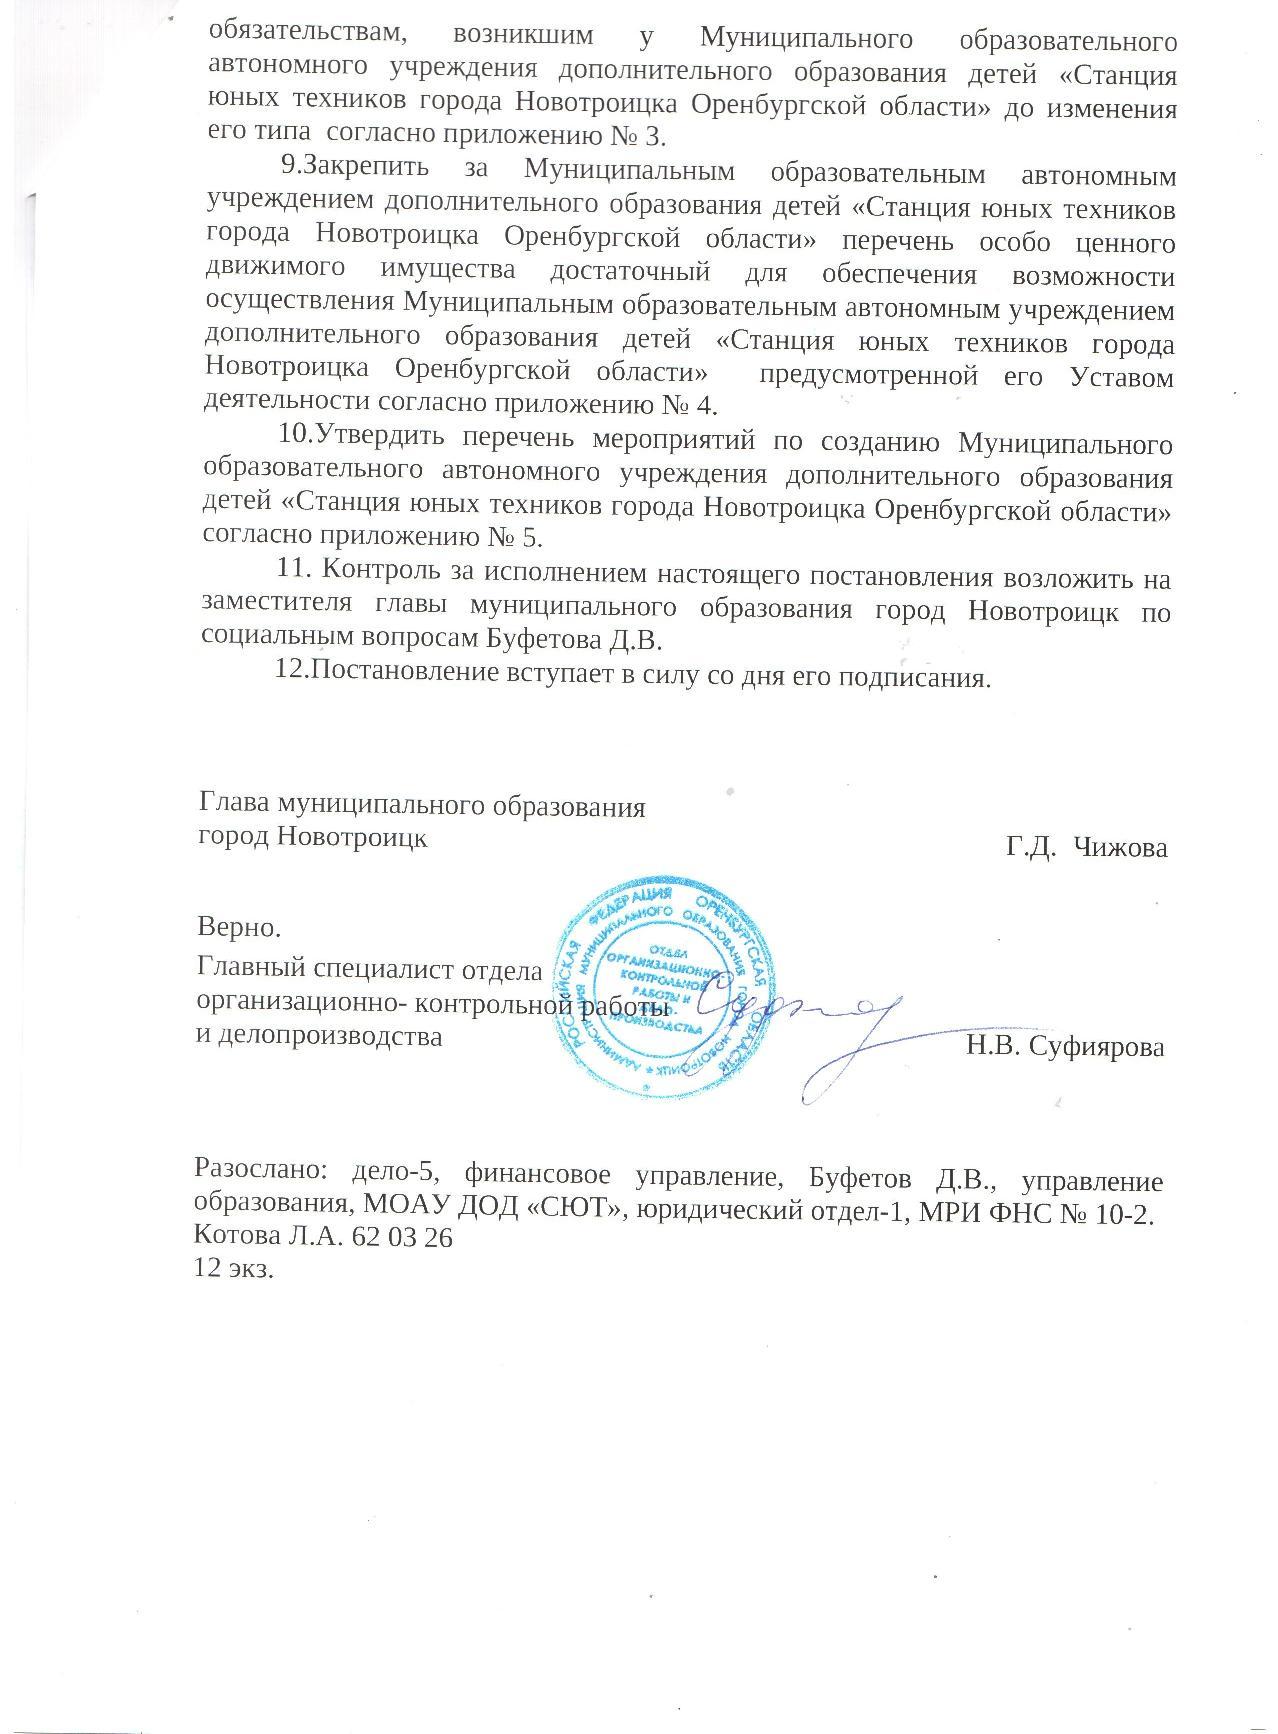 Постановление о создании автономного учреждения-003